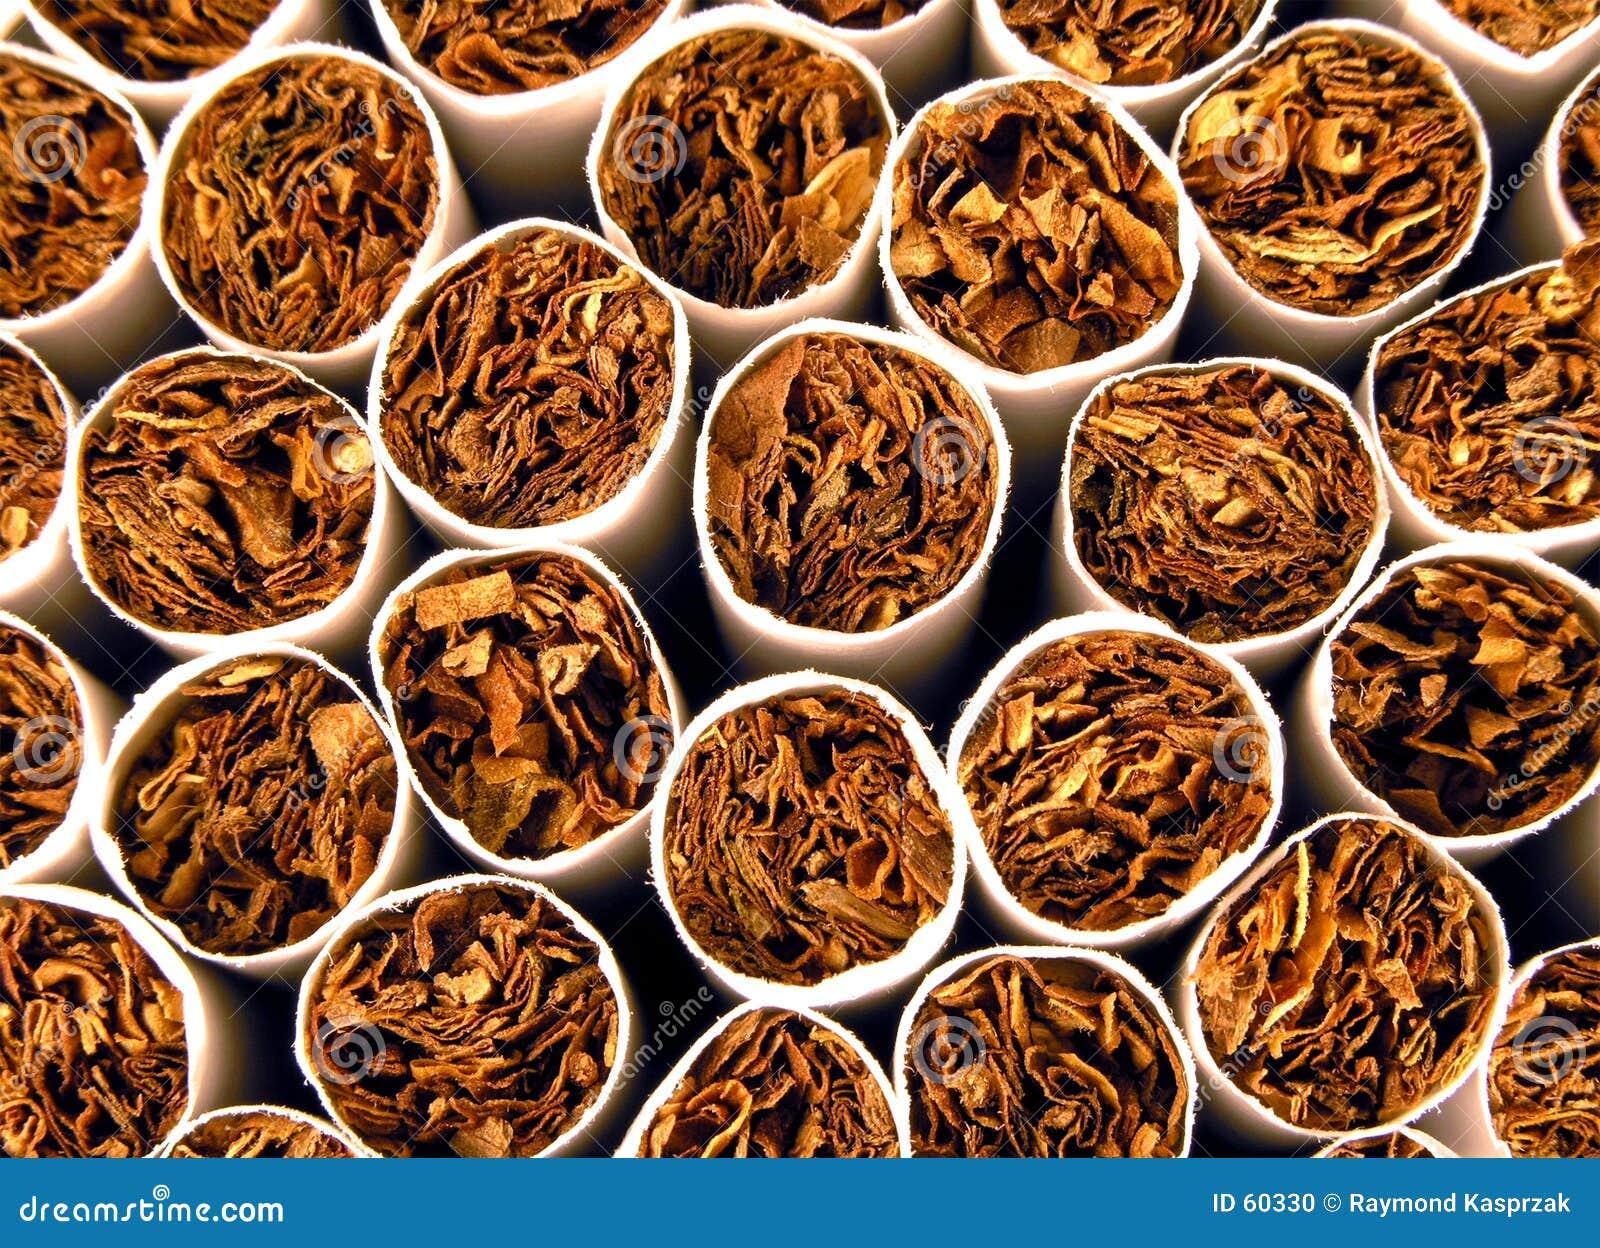 Fundo do tabaco